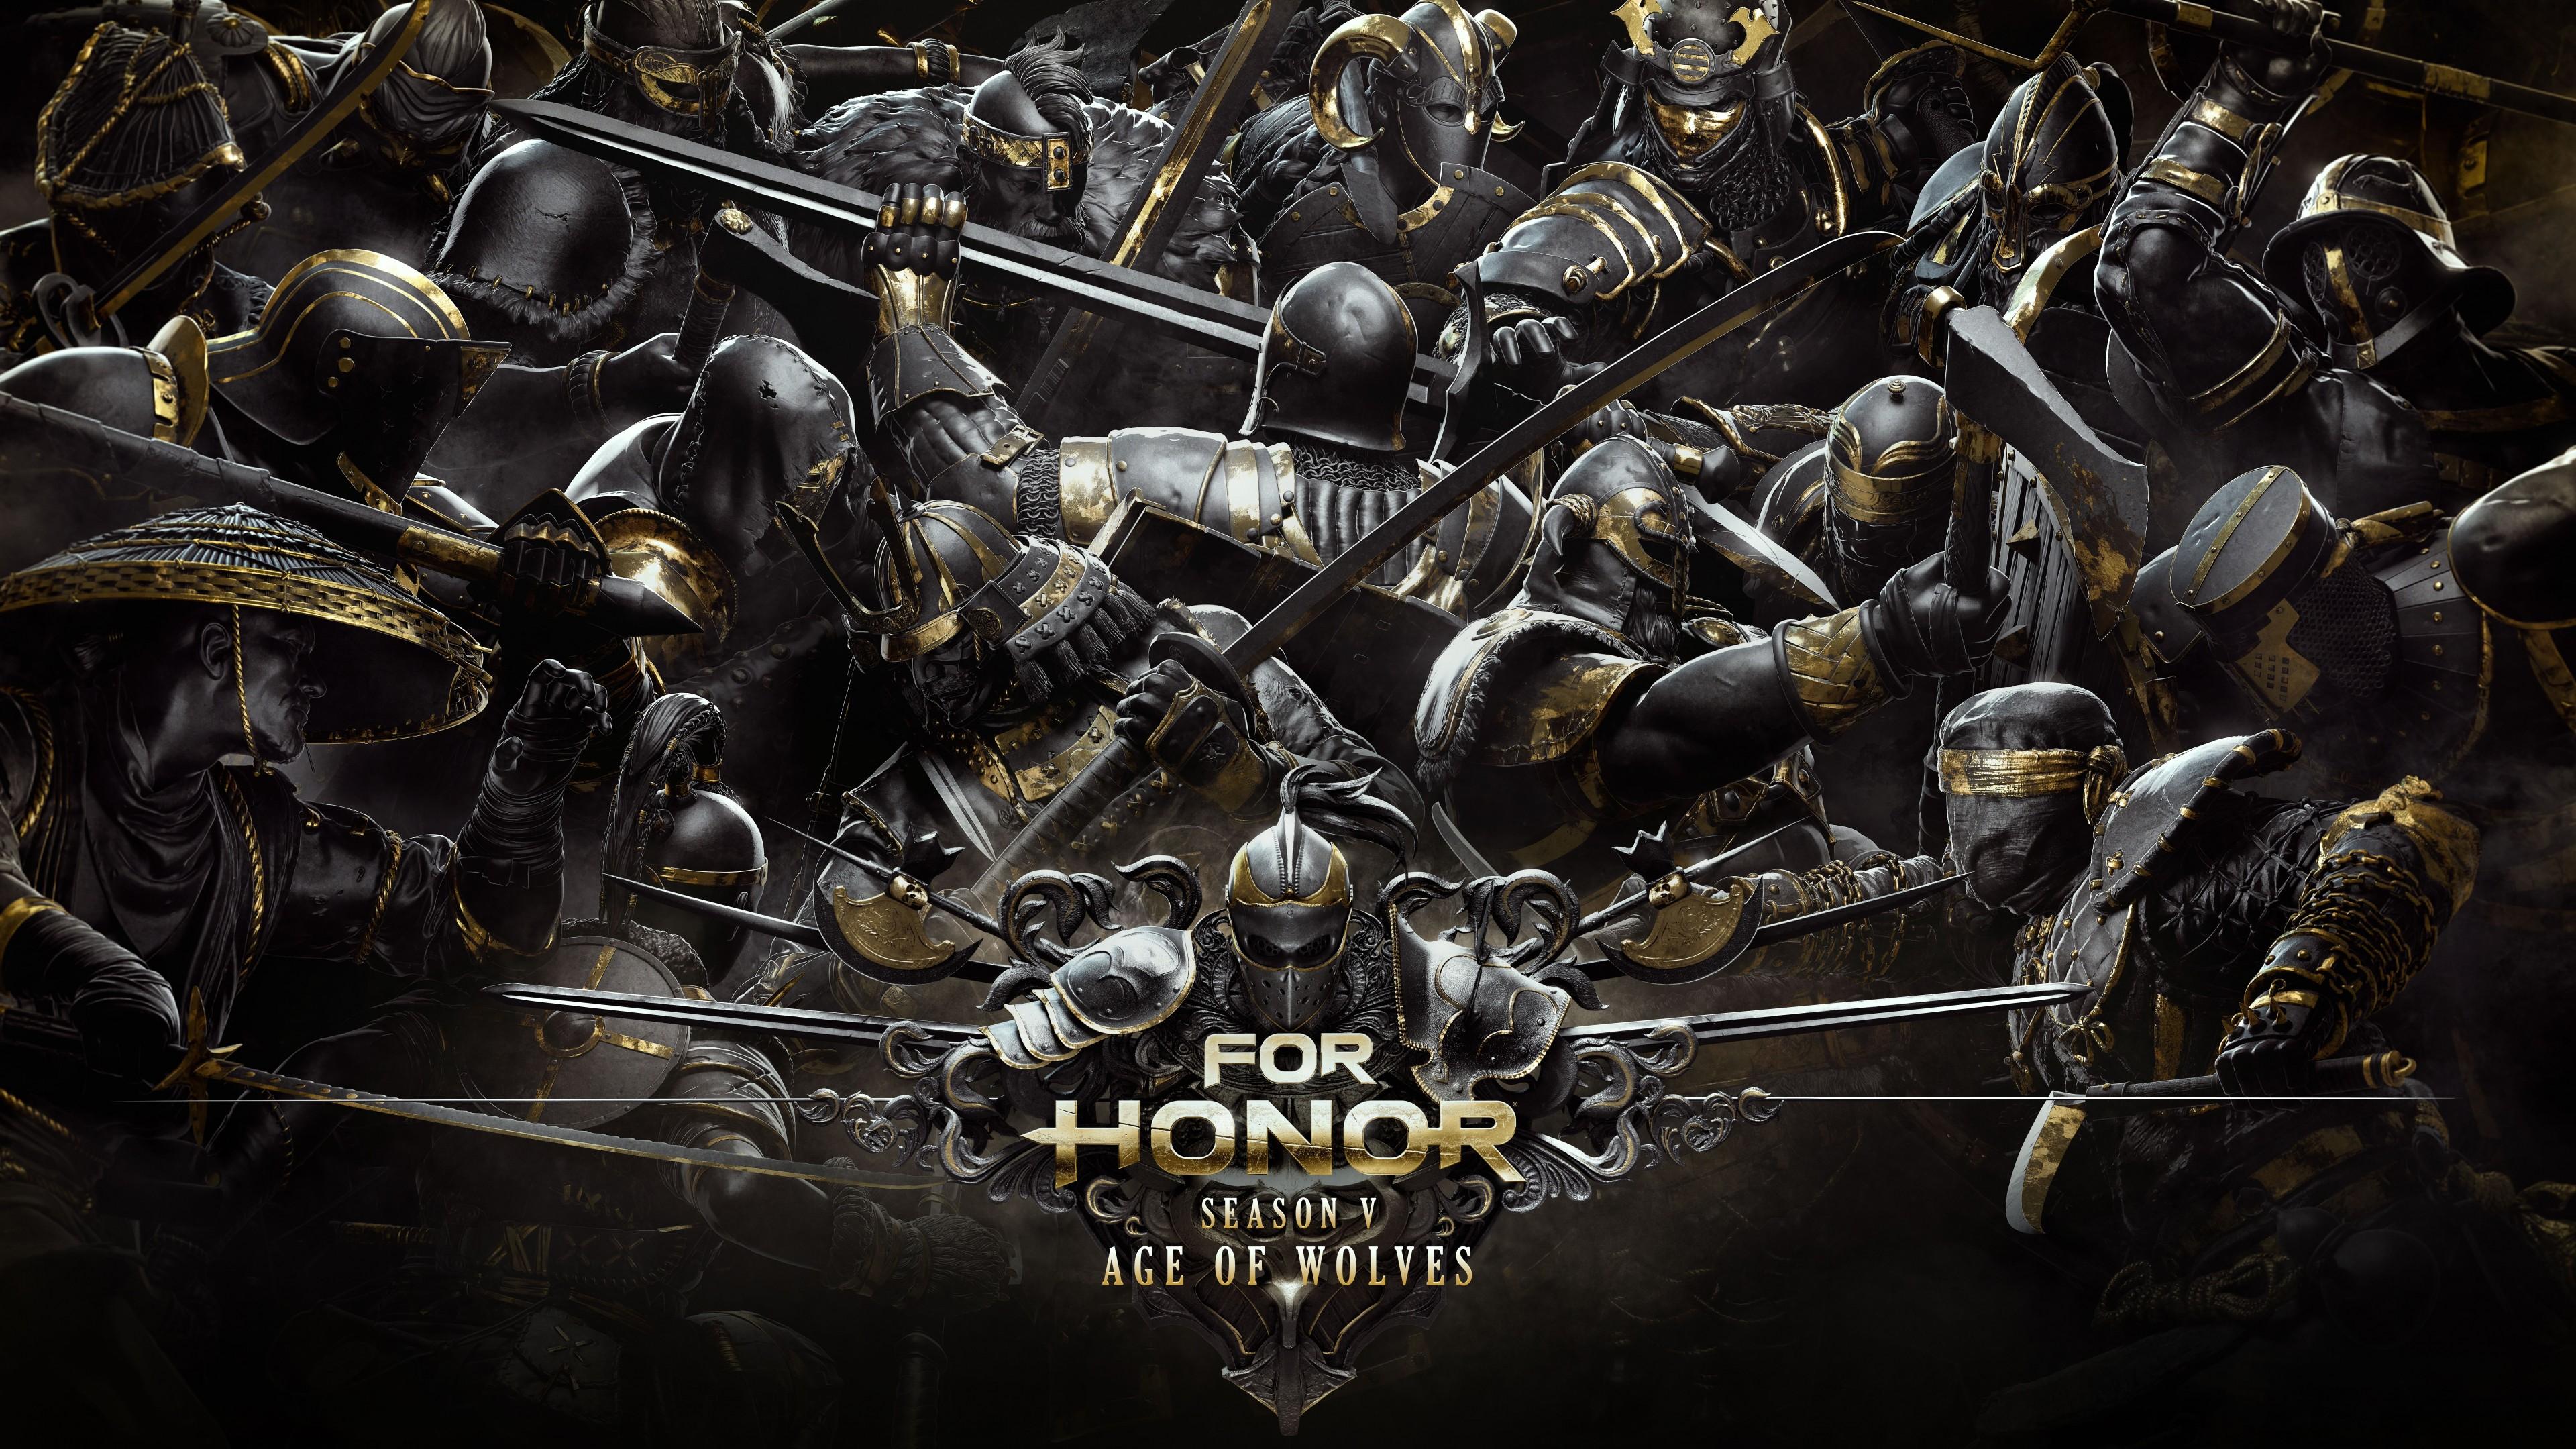 Рыцари в полном боевом снаряжение с золотыми полосами